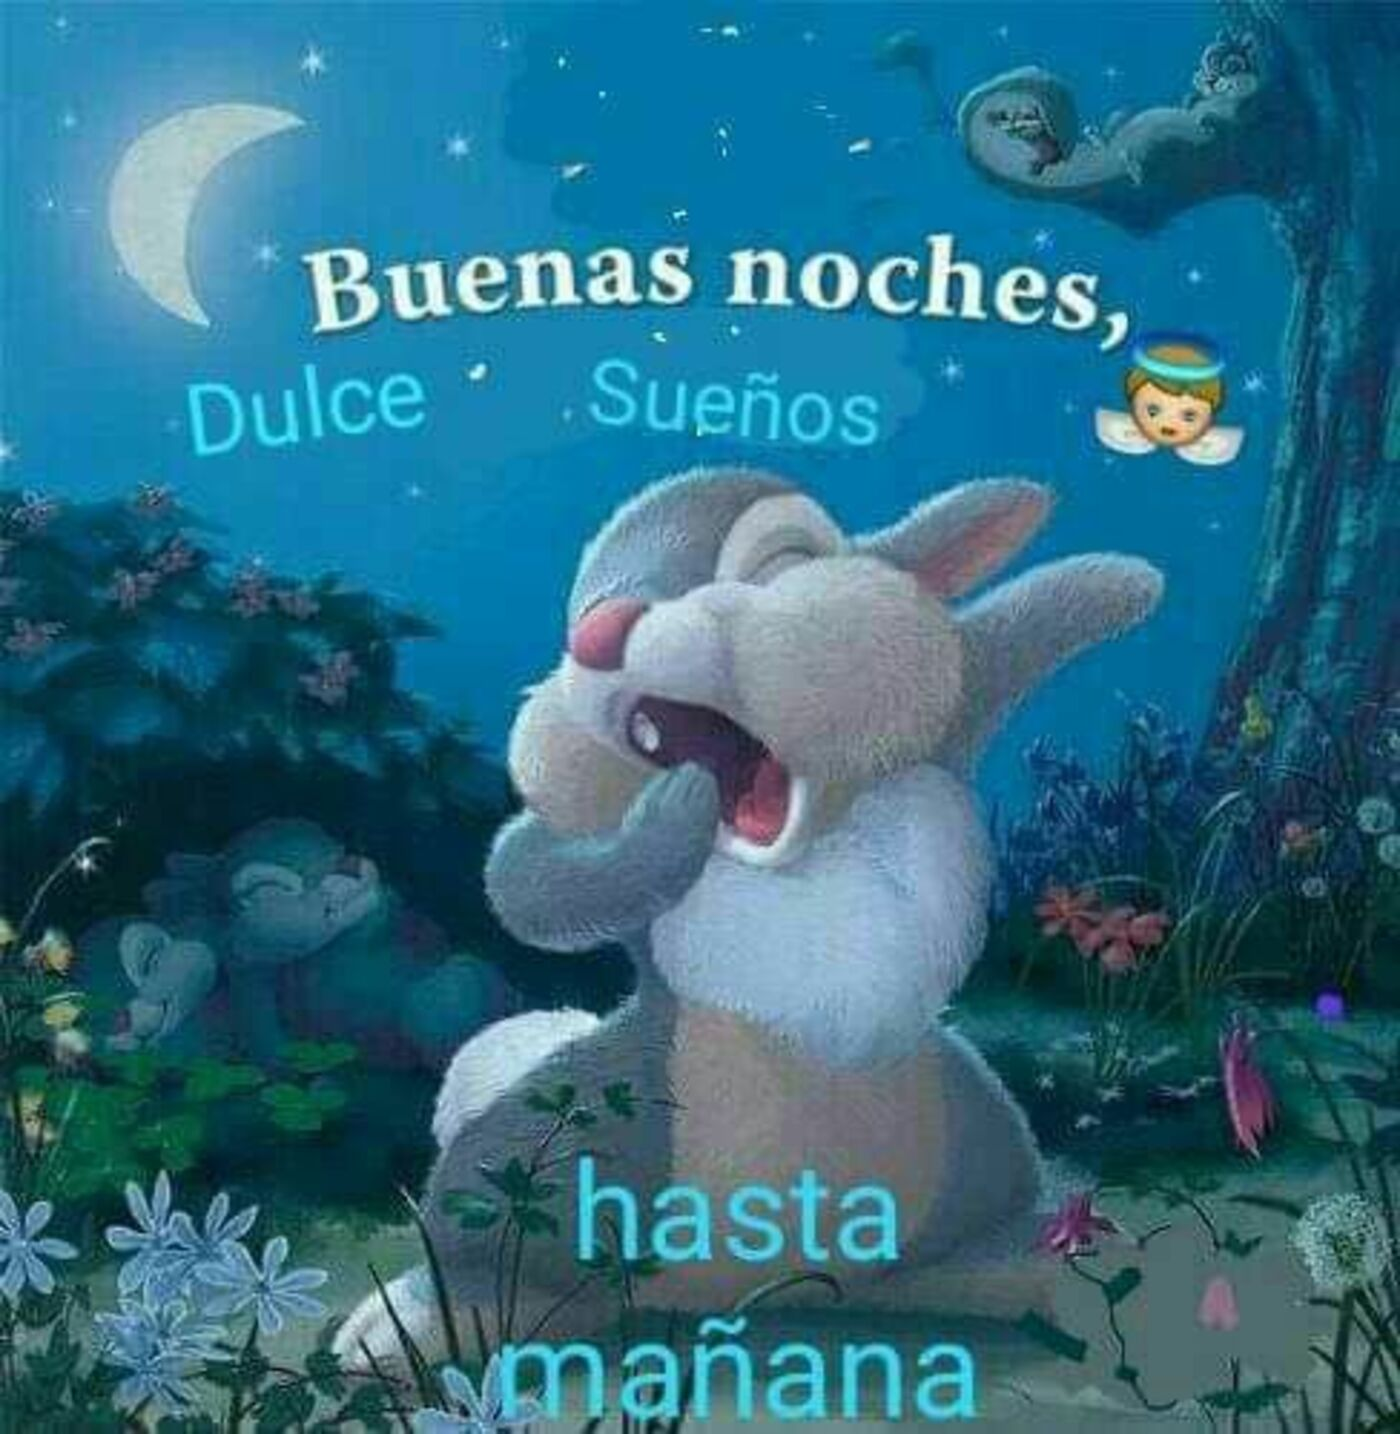 Buenas noches dulce sueños, hasta mañana